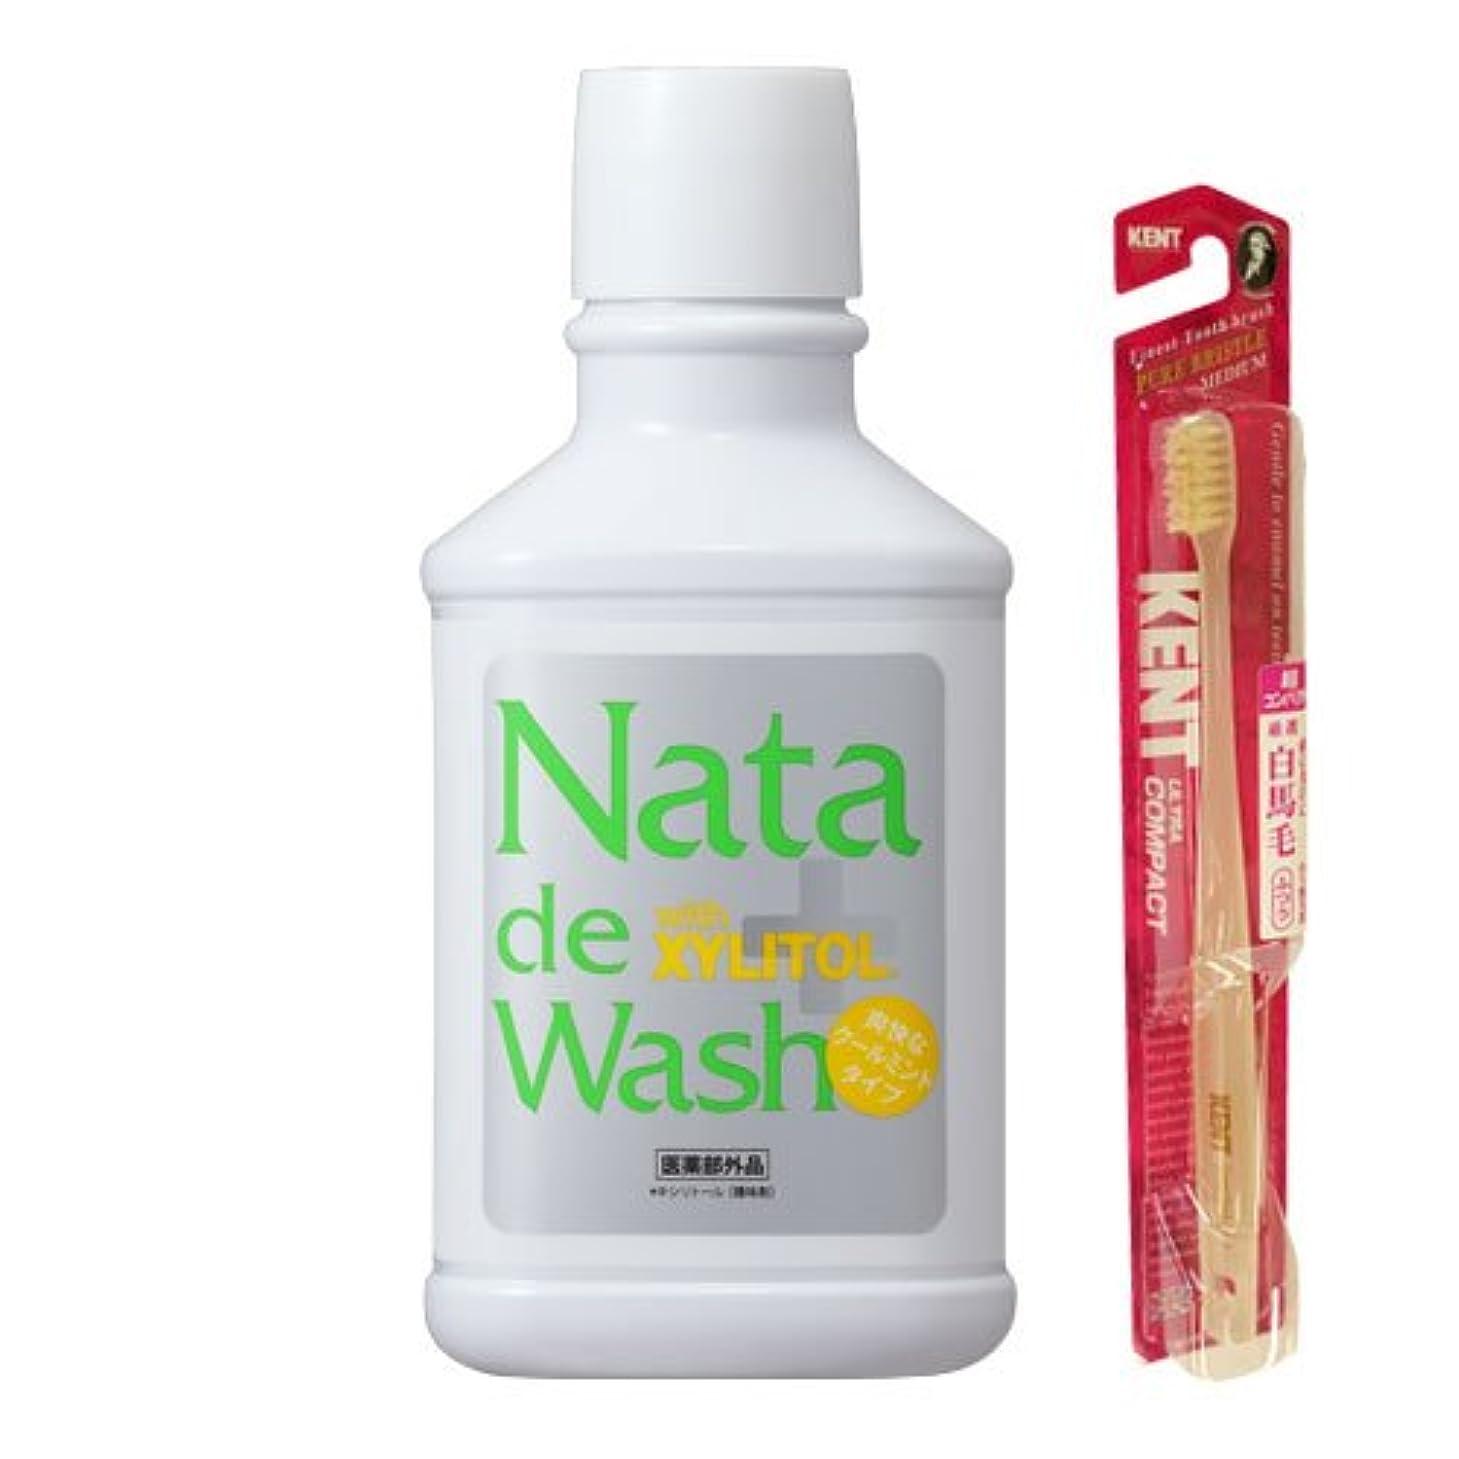 スカープアナニバー考慮薬用ナタデウォッシュ 爽快なクールミントタイプ 500ml 1本& KENT歯ブラシ1本プレゼント